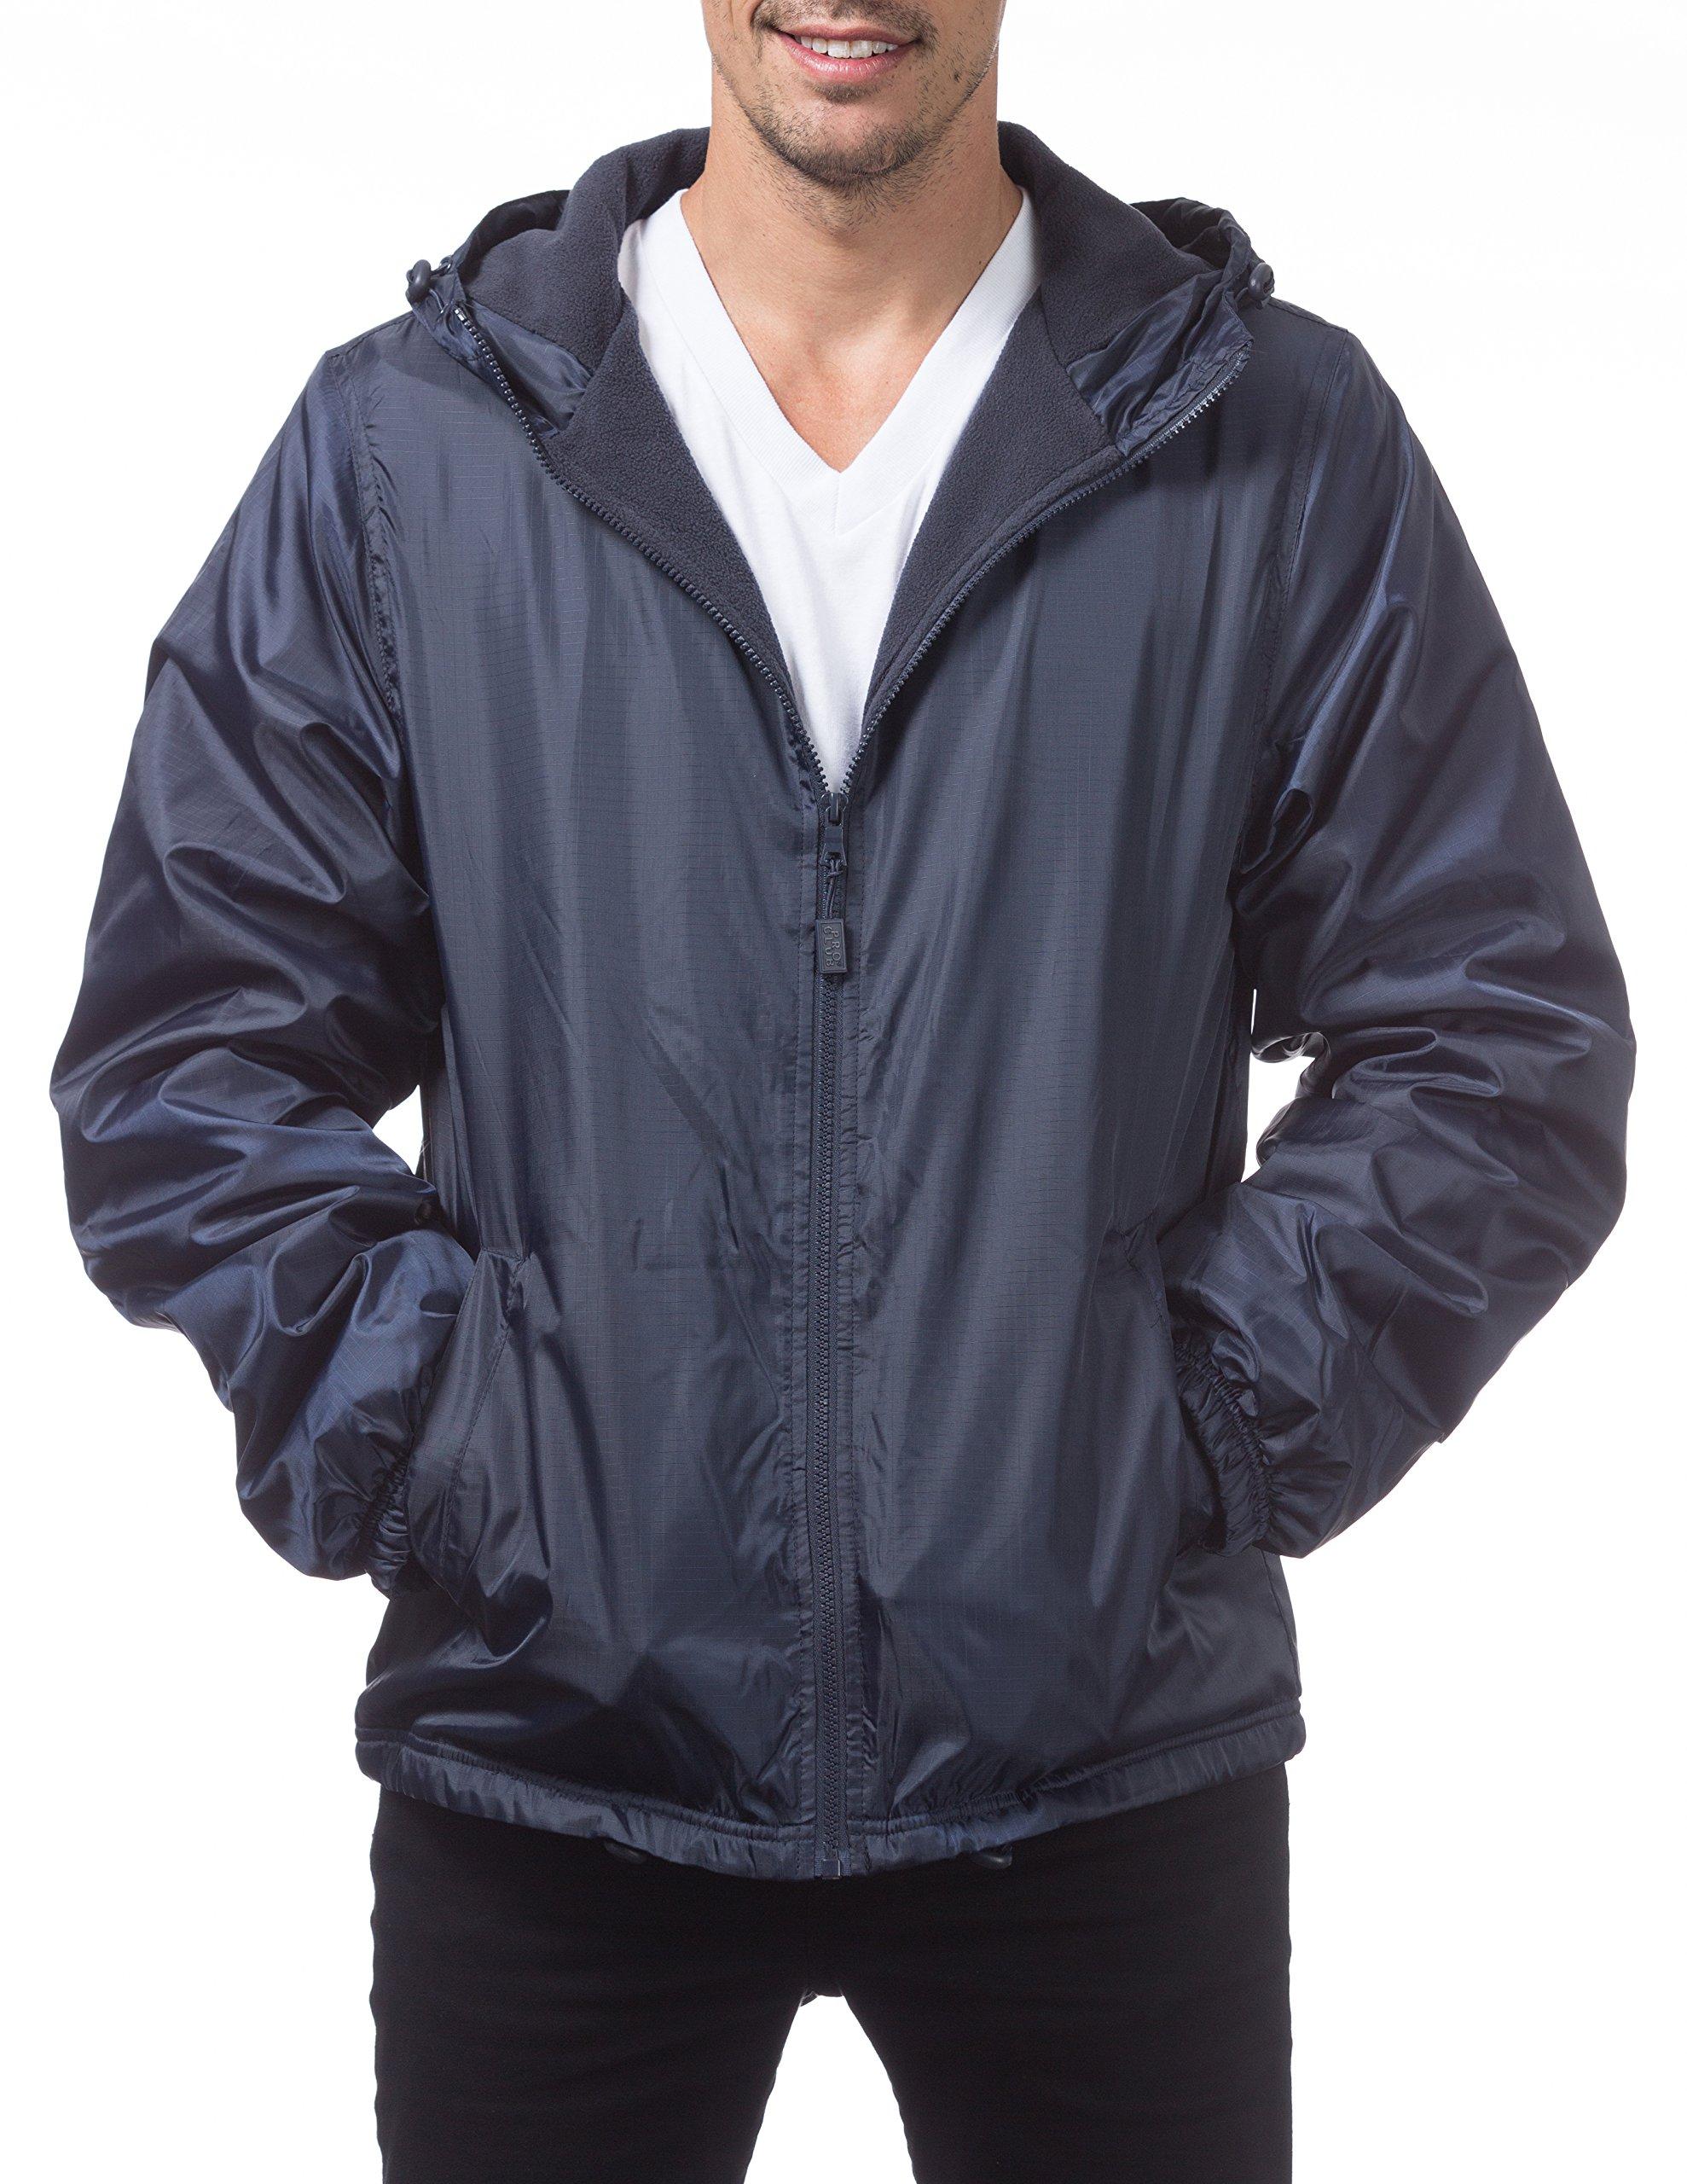 Pro Club Men's Fleece Lined Windbreaker Jacket, 4X-Large, Navy